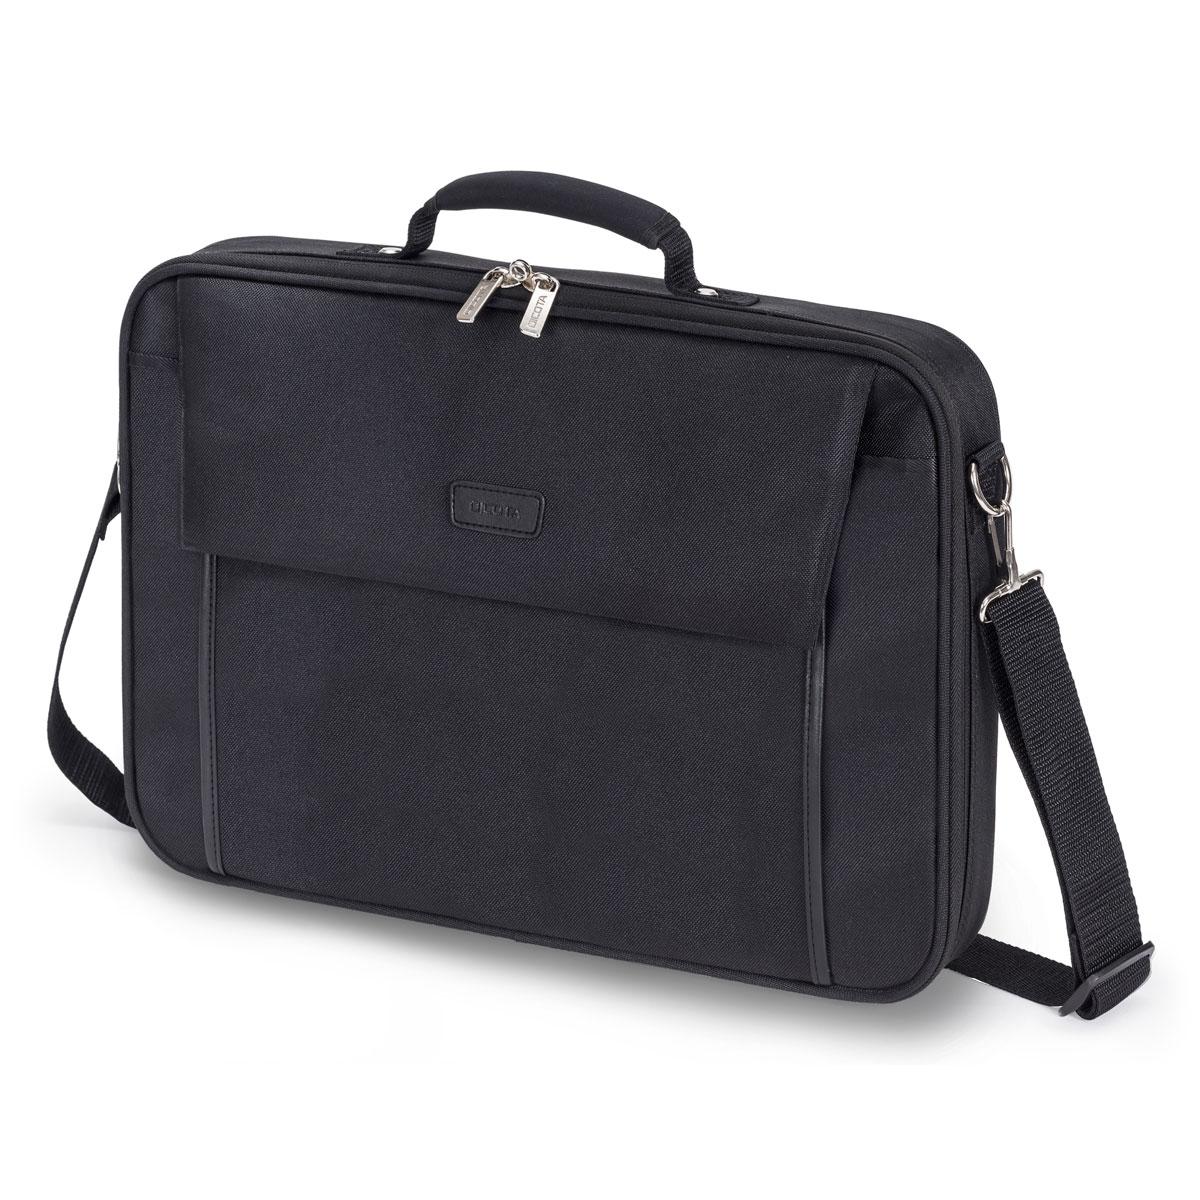 """Sac, sacoche, housse Dicota Multi Base 15-17.3"""" (noir)  Sacoche pour ordinateur portable (jusqu'à 17.3"""")"""